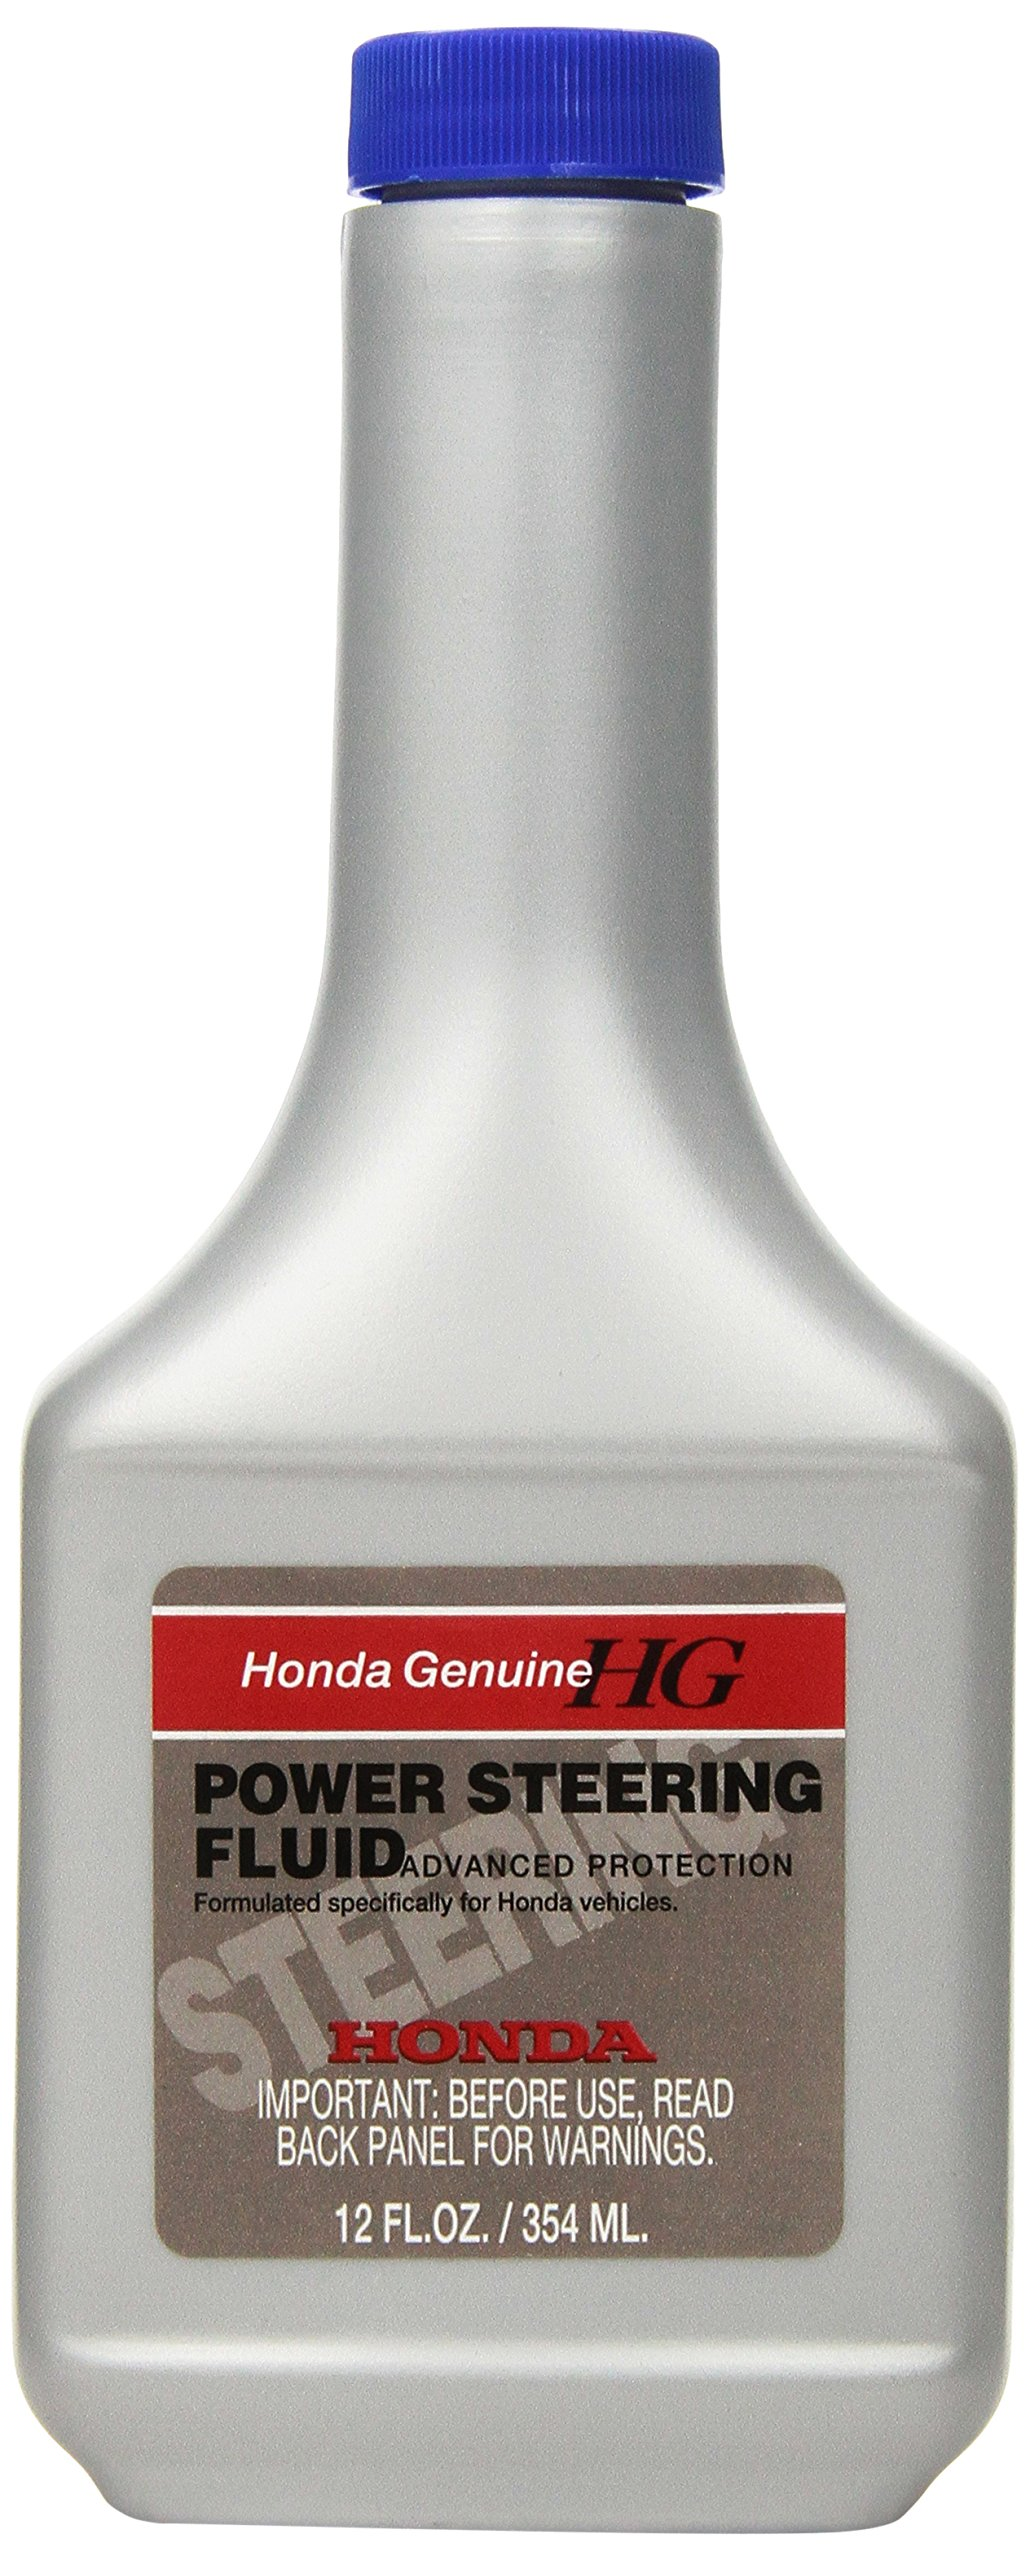 Genuine Honda (08206-9002-12PK) Power Steering Fluid - 12 oz., (Pack of 12) by Honda